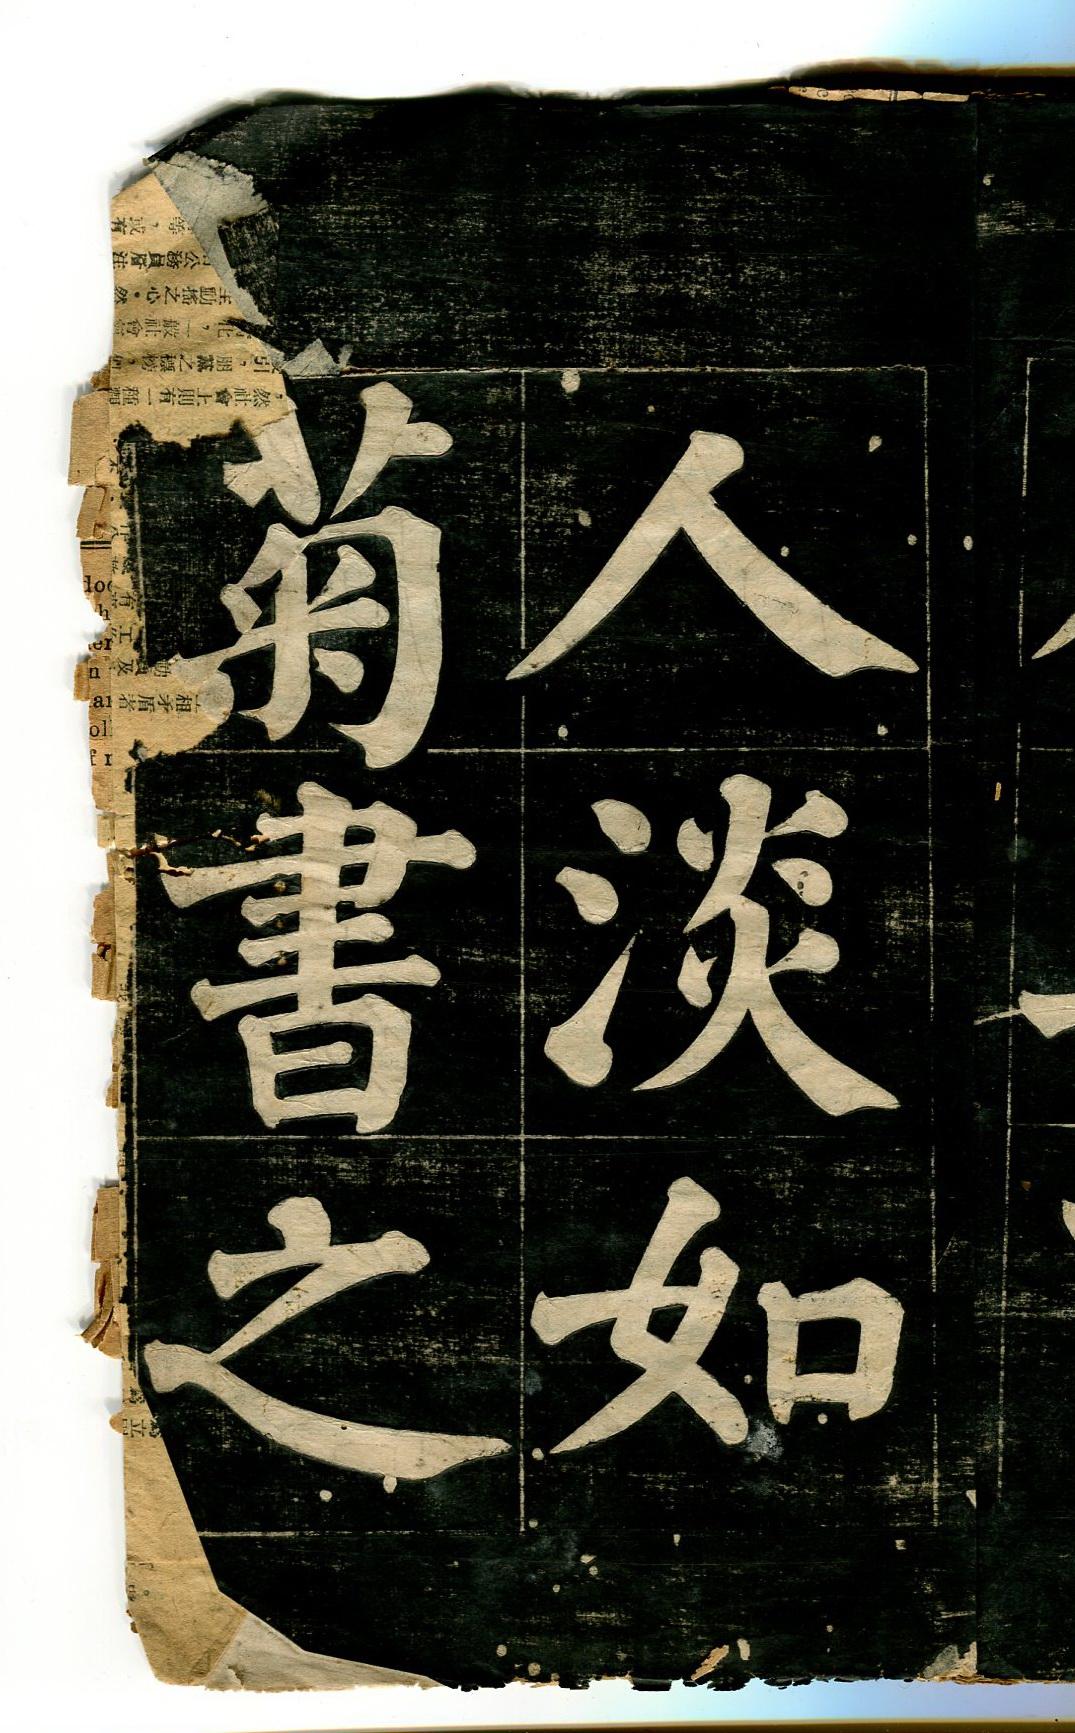 洗炼《二十四诗品》唐.司空图【拓片】017.jpg